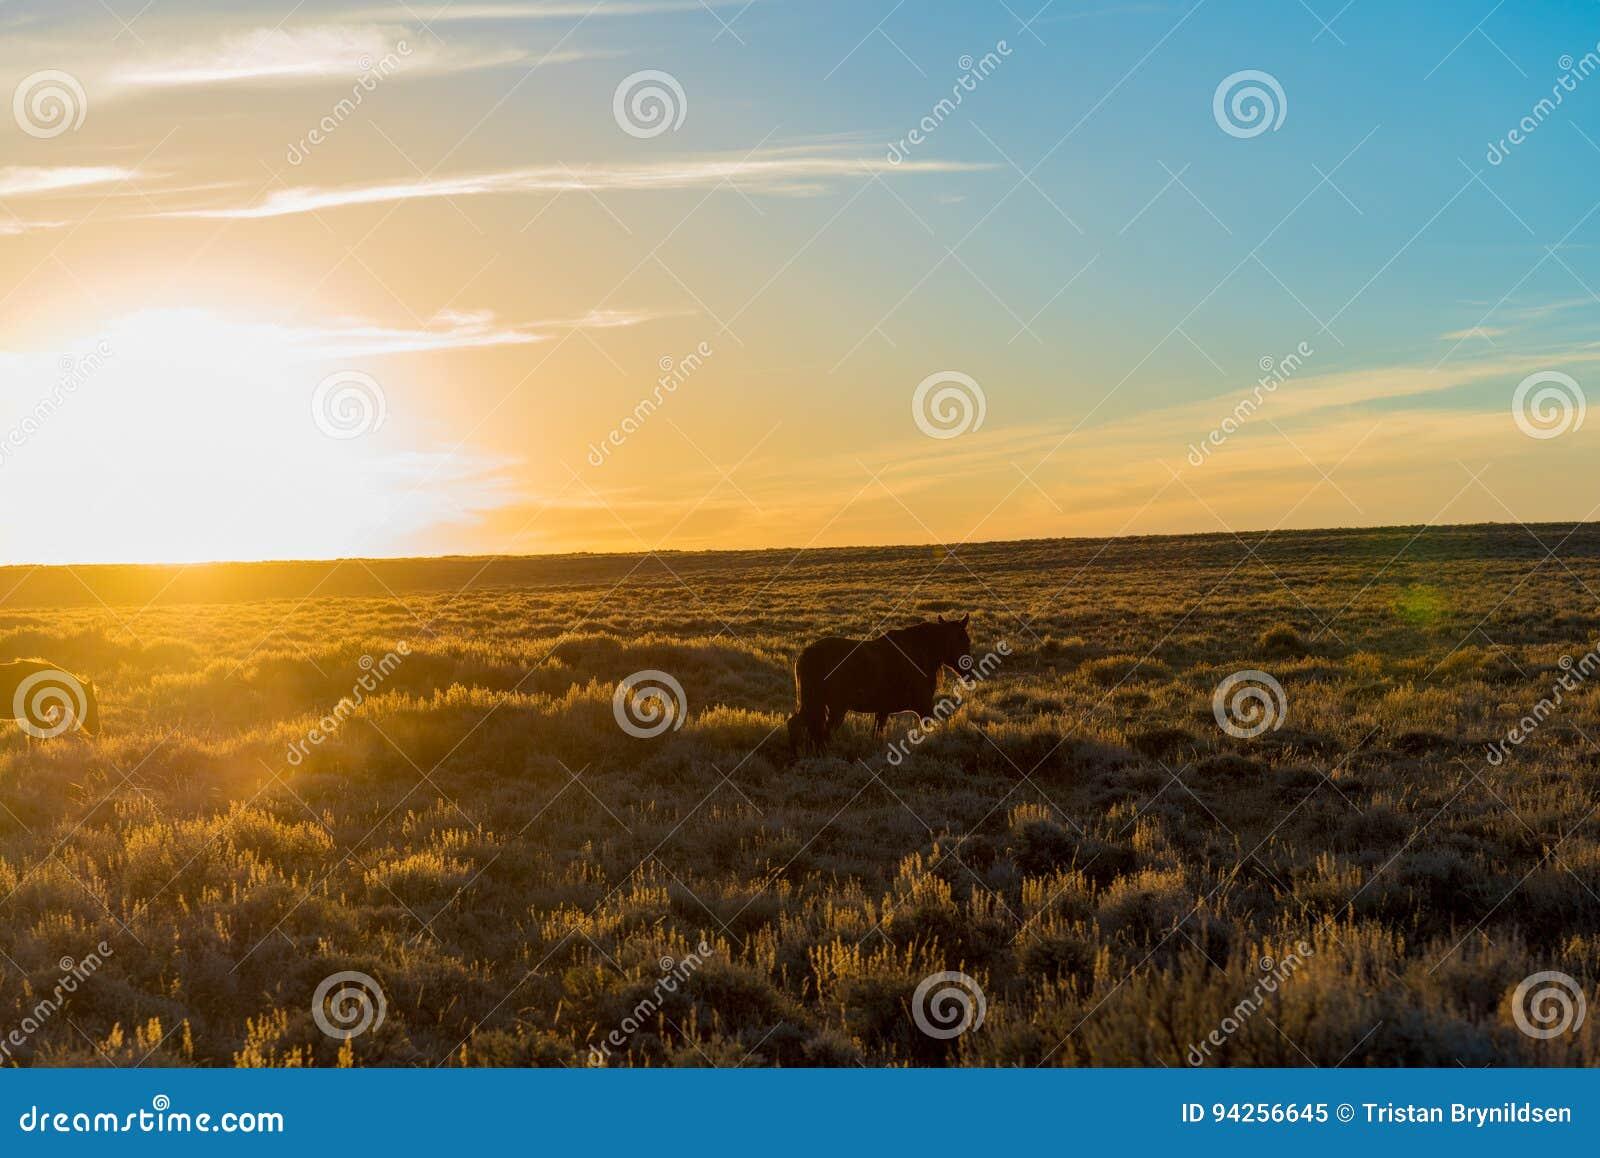 Άγριος φυσικός βρόχος αλόγων, Ουαϊόμινγκ